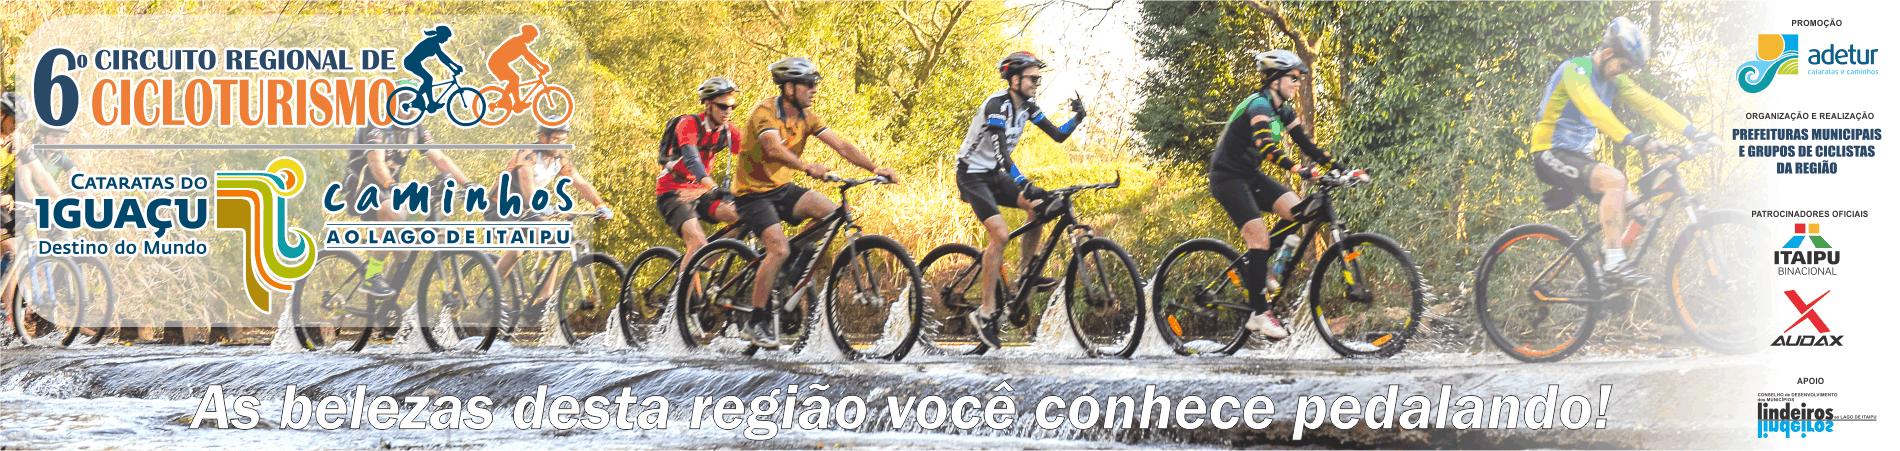 6ª EDIÇÃO DO CIRCUITO REGIONAL DE CICLOTURISMO - ETAPA SANTA HELENA